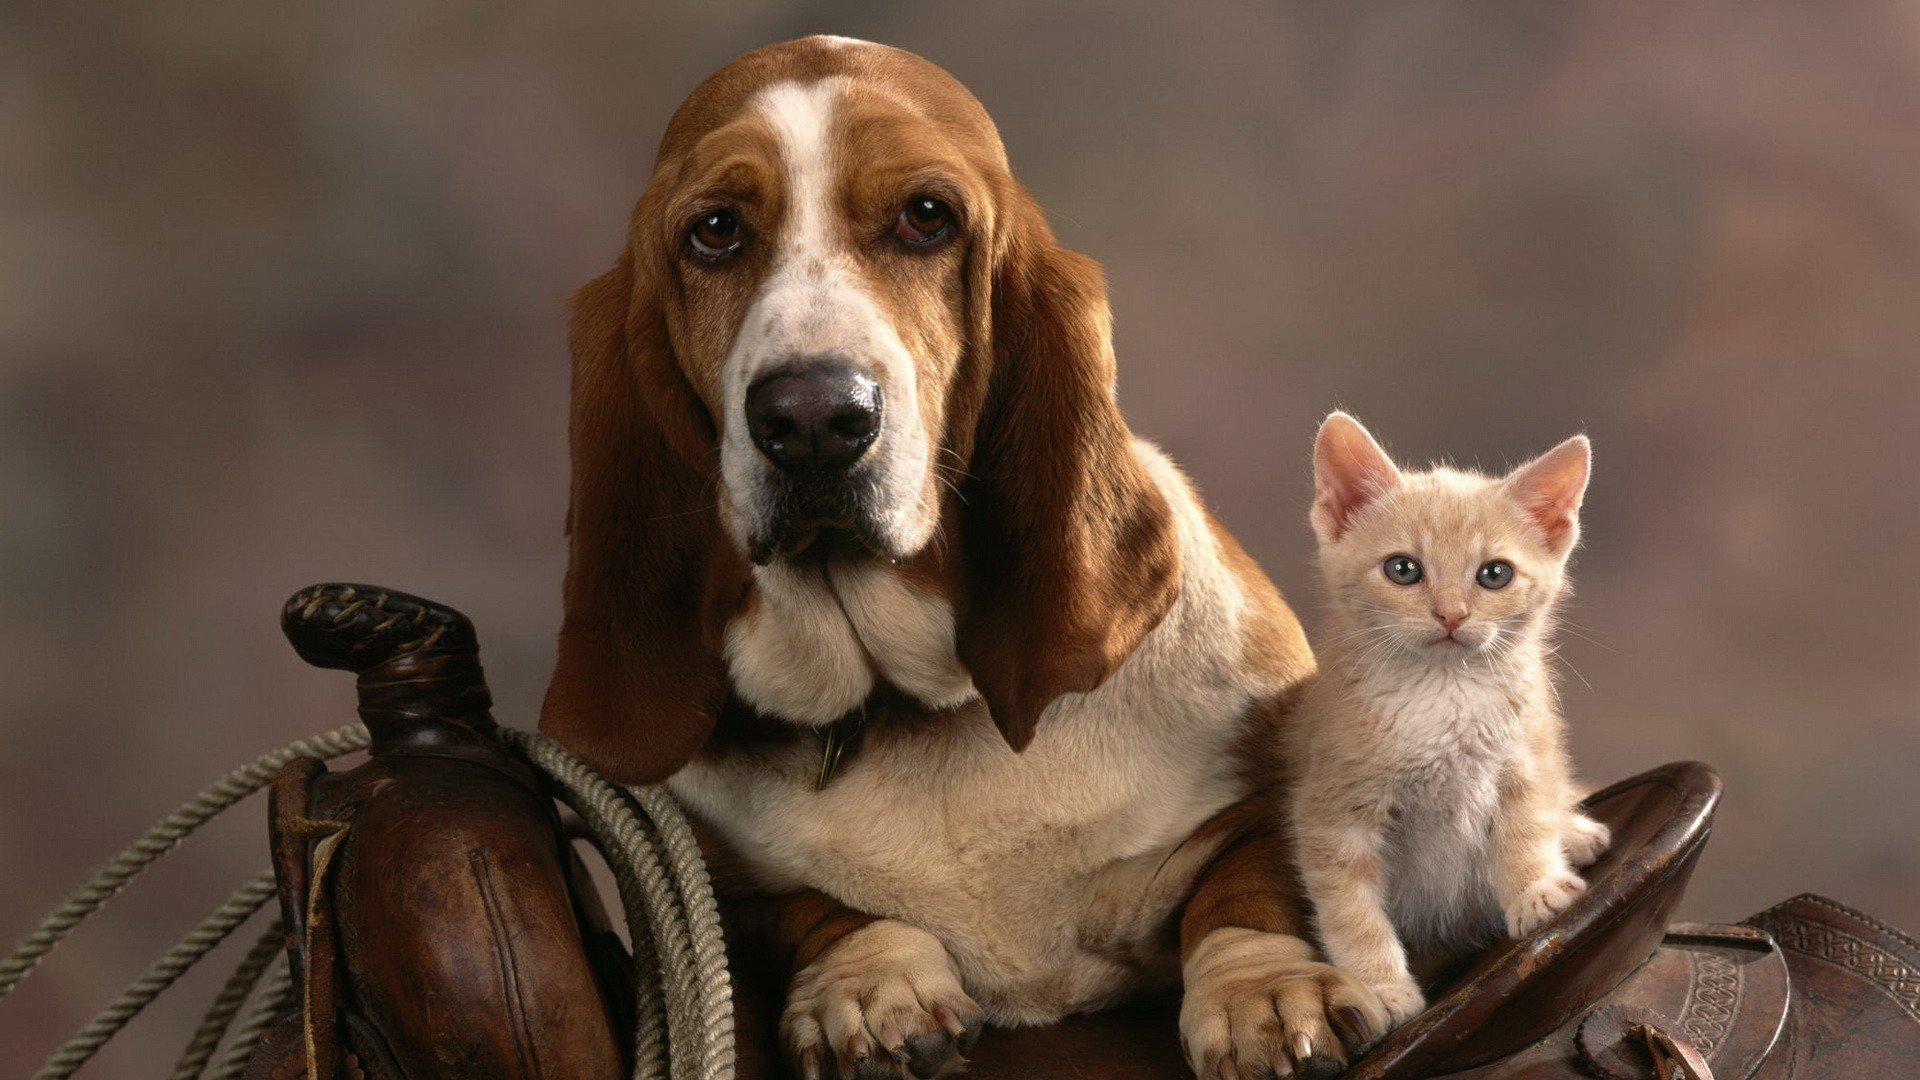 большой прикольные фото собак на рабочий стол галереи